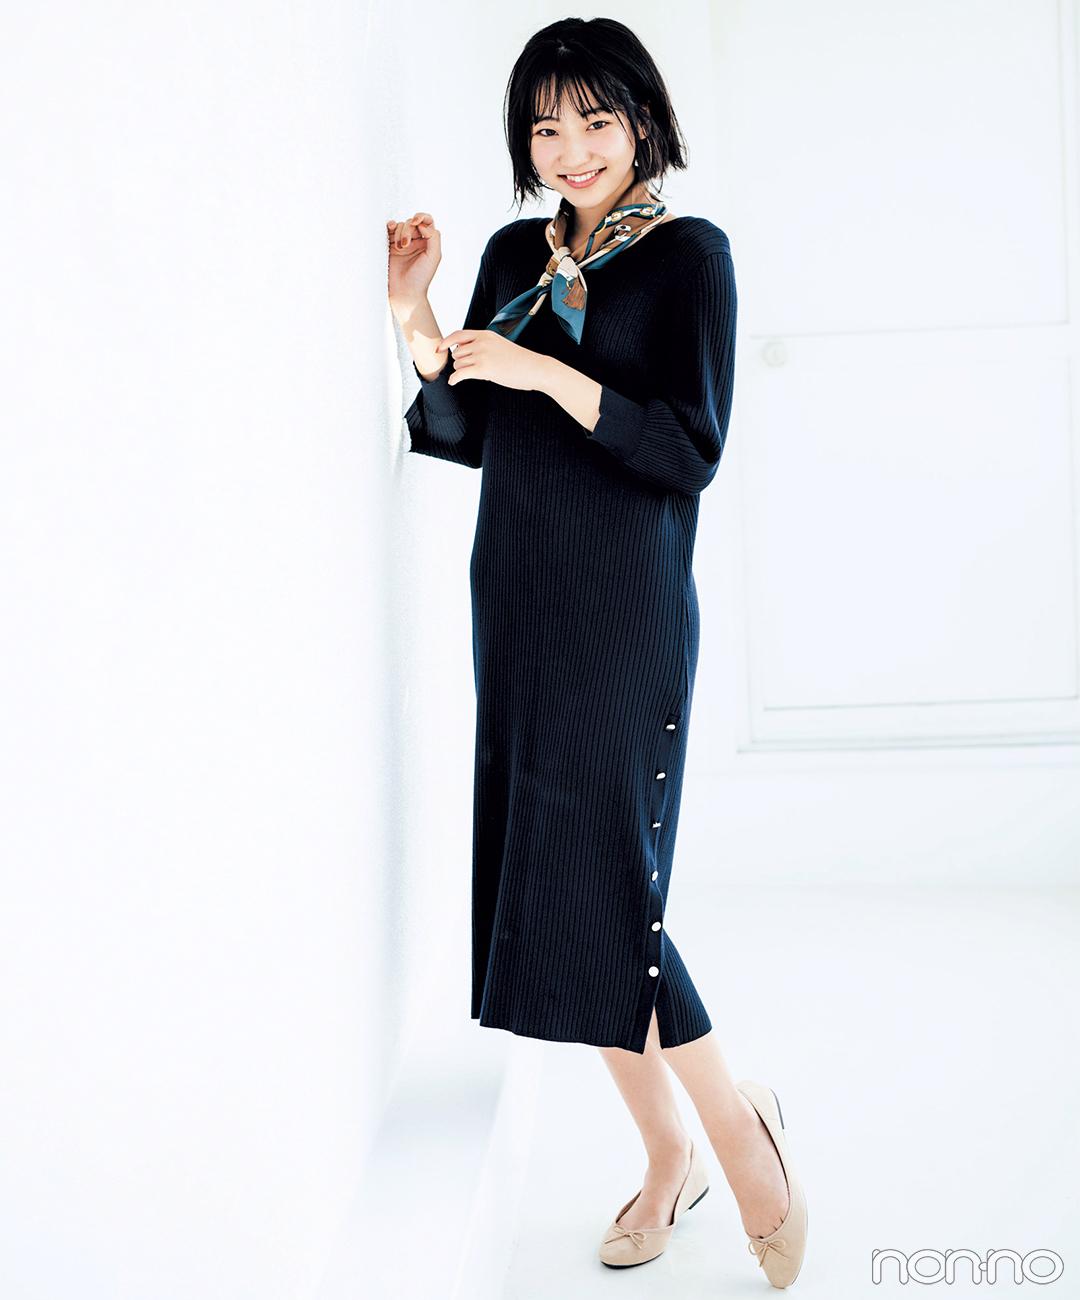 GUのニットワンピで秋先取り♡ スカーフで雰囲気UP!【毎日コーデ】